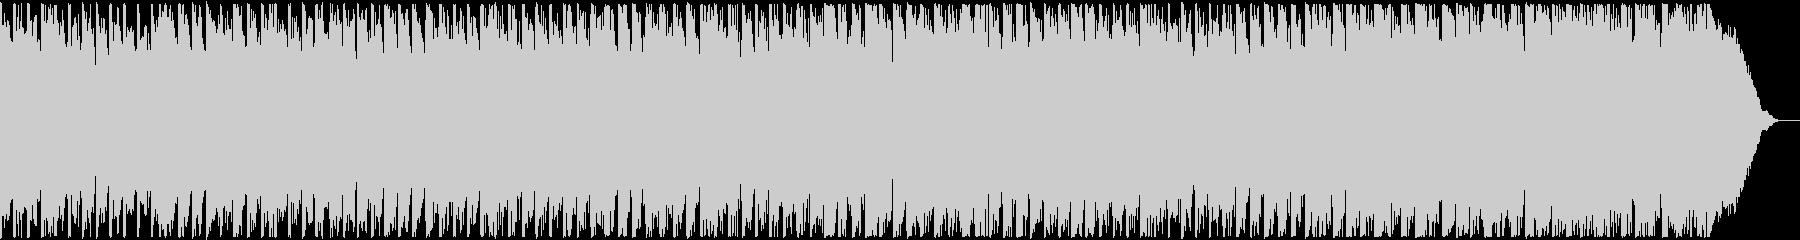 アコースティックポップインストゥル...の未再生の波形